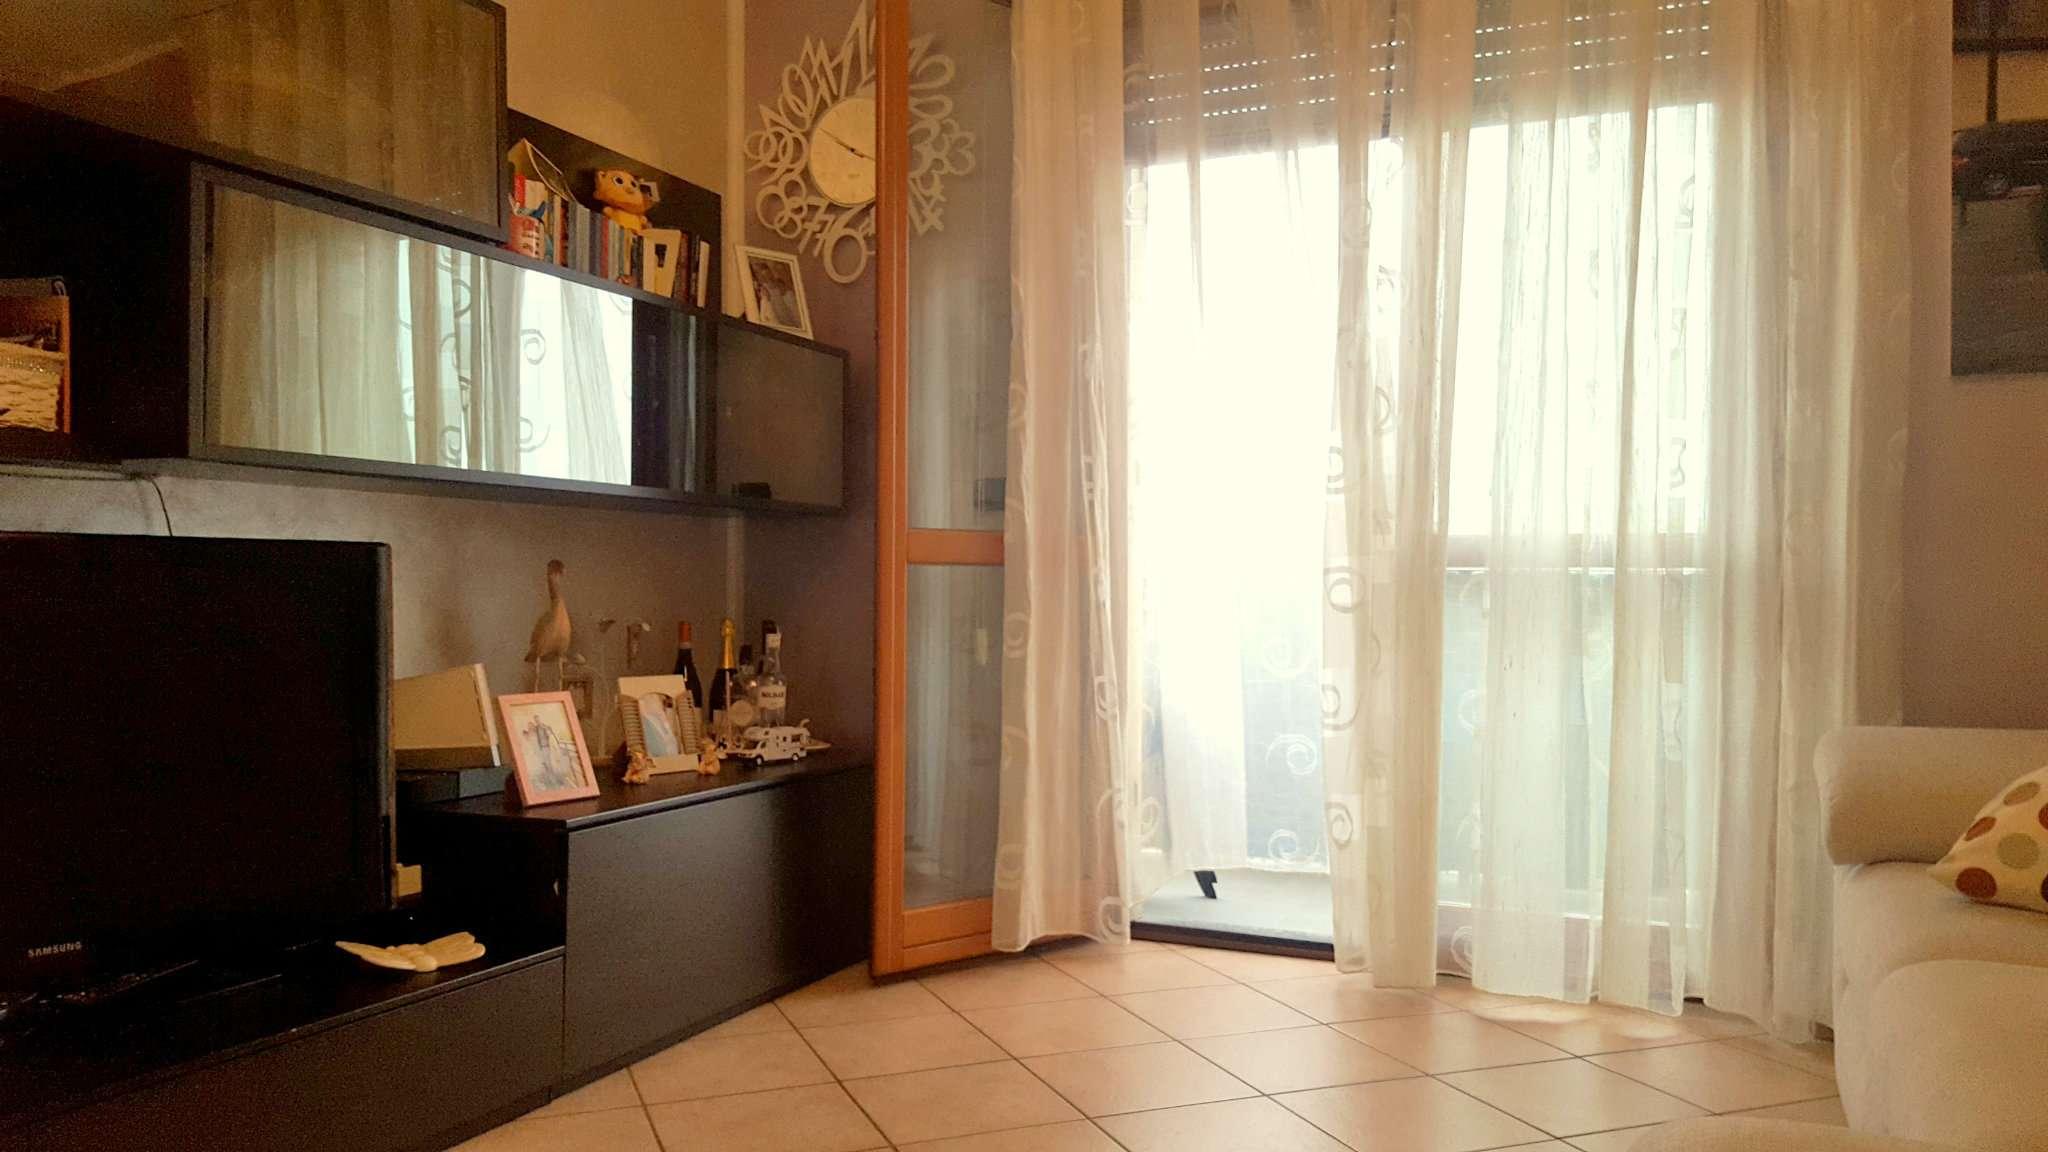 Appartamento in vendita Zona Mirafiori - strada del Portone 31 Torino